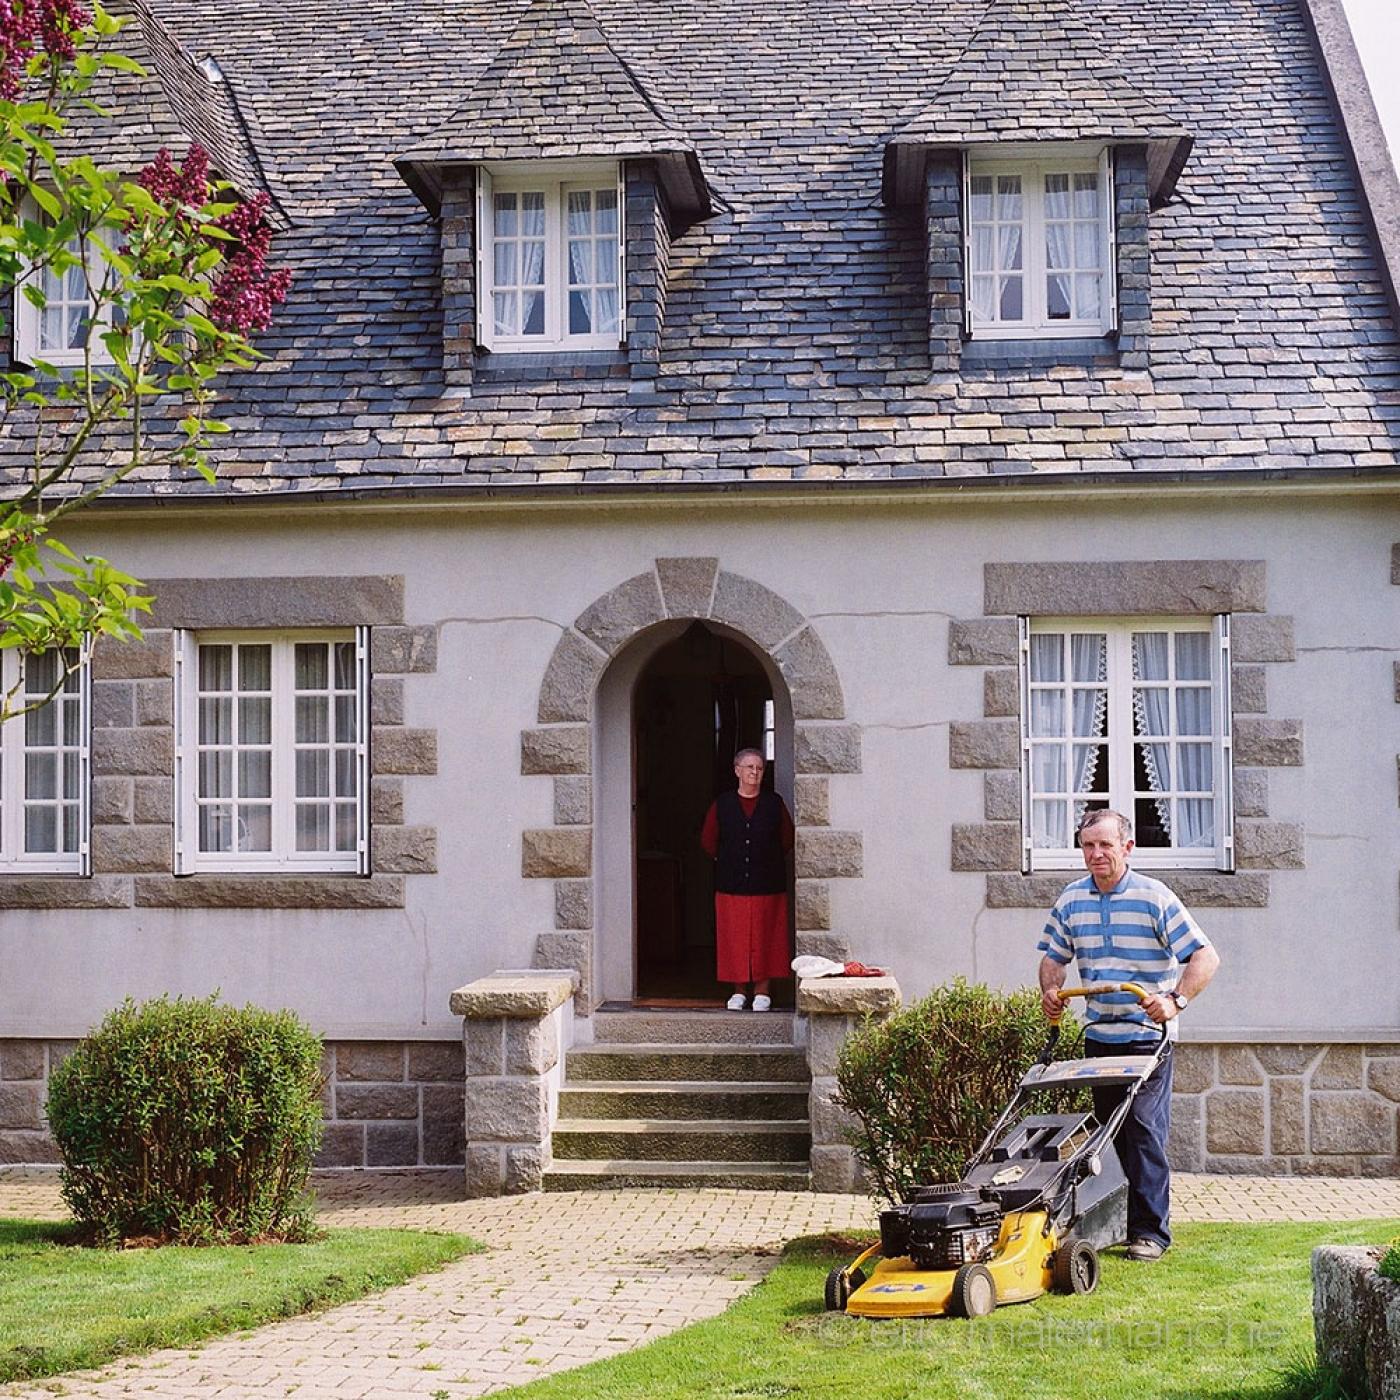 http://www.ericmalemanche.com/imagess/topics/les-bretons-de-l-argoat/liste/Bretons-Malemanche-018.jpg